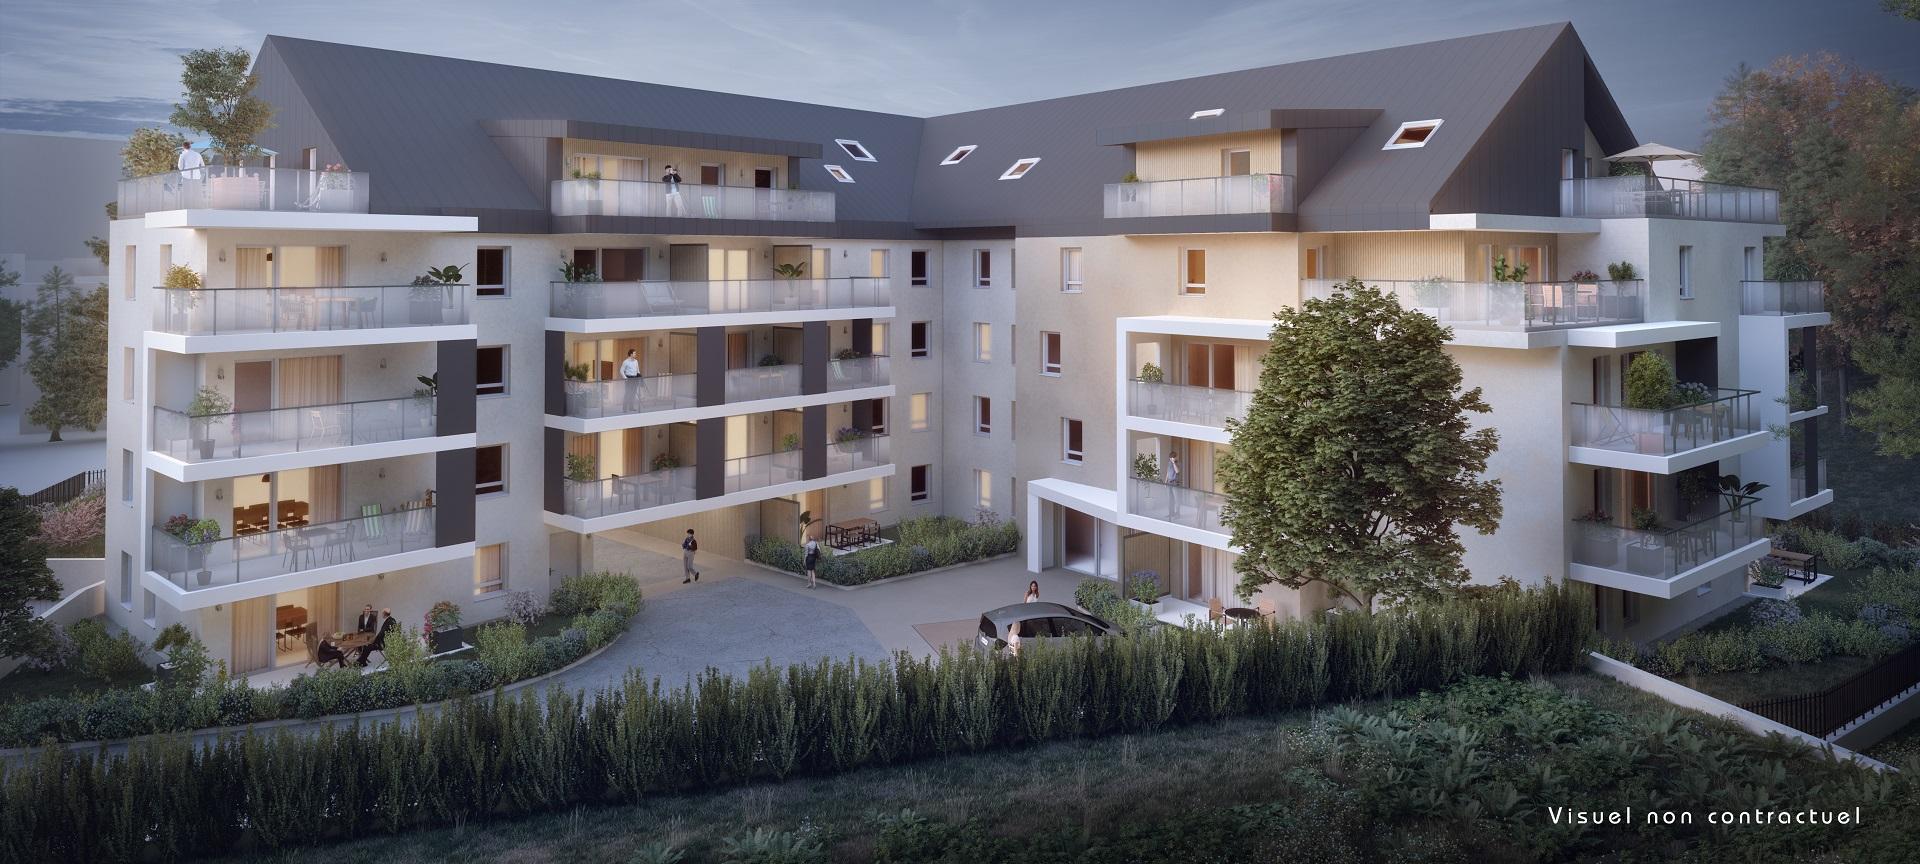 Programme immobilier EDE10 appartement à Chambery (73000) Tout proche du cœur de ville